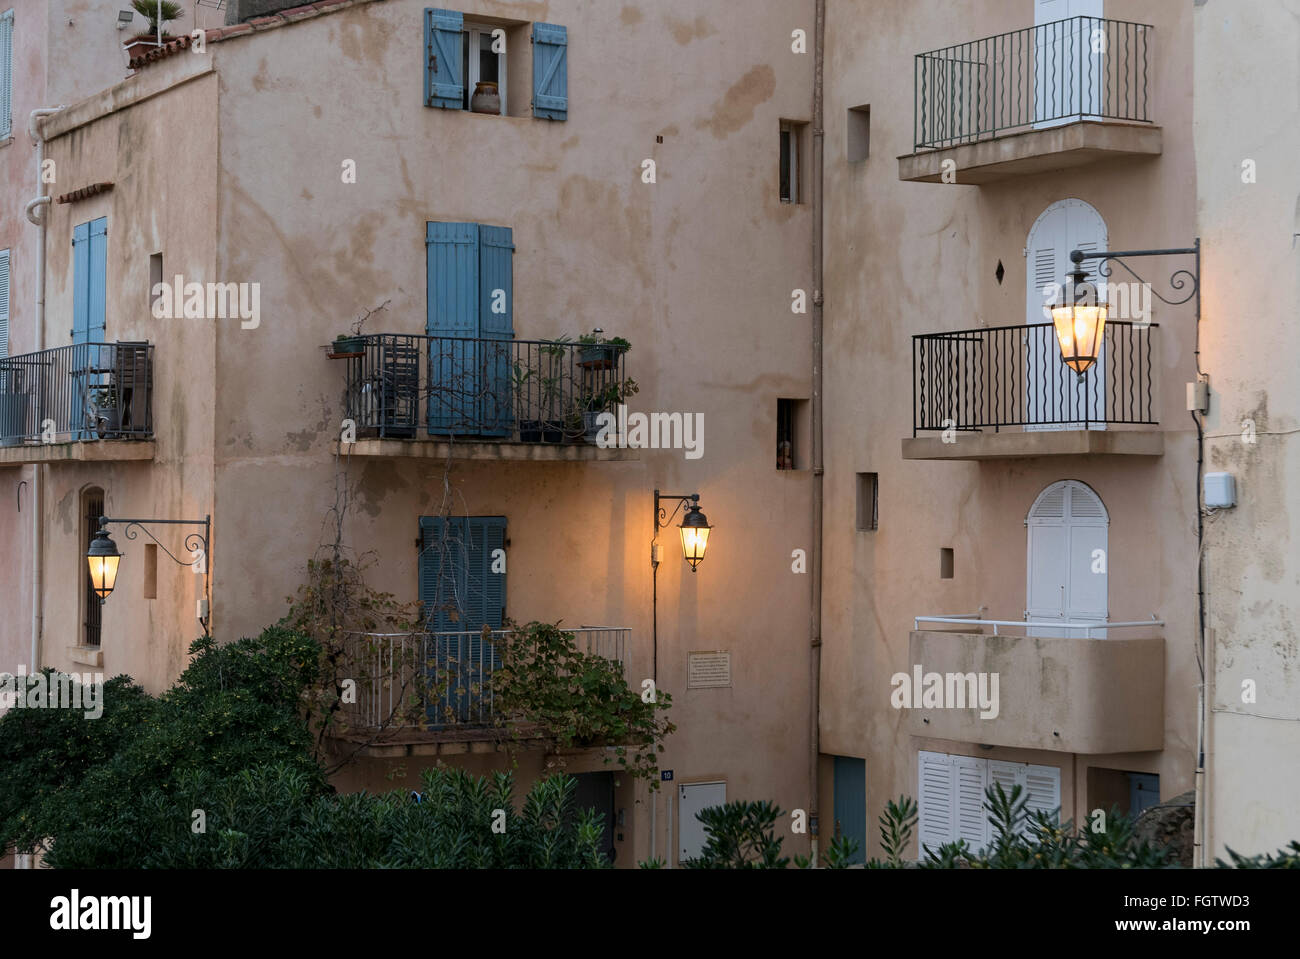 Altstadt von Saint-Tropez, Dep. Var, Côte d'Azur, Frankreich | old town, Saint-Tropez, Dep. Var, Côte d'Azur, France Stock Photo